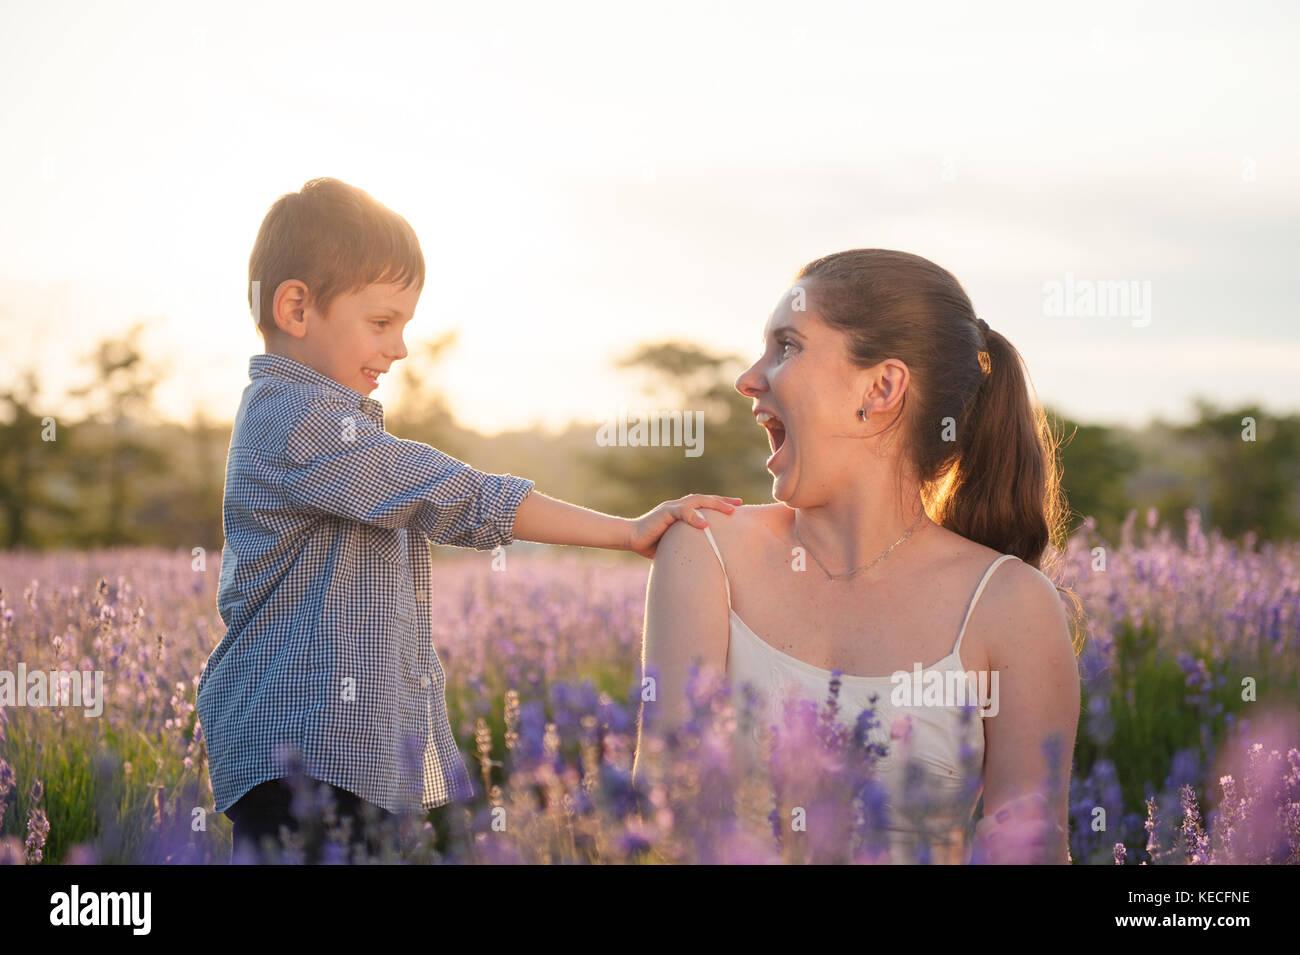 Belle émotionnel mère et de son fils toucher son épaule avec tendresse sur le champ de lavande mauve Photo Stock